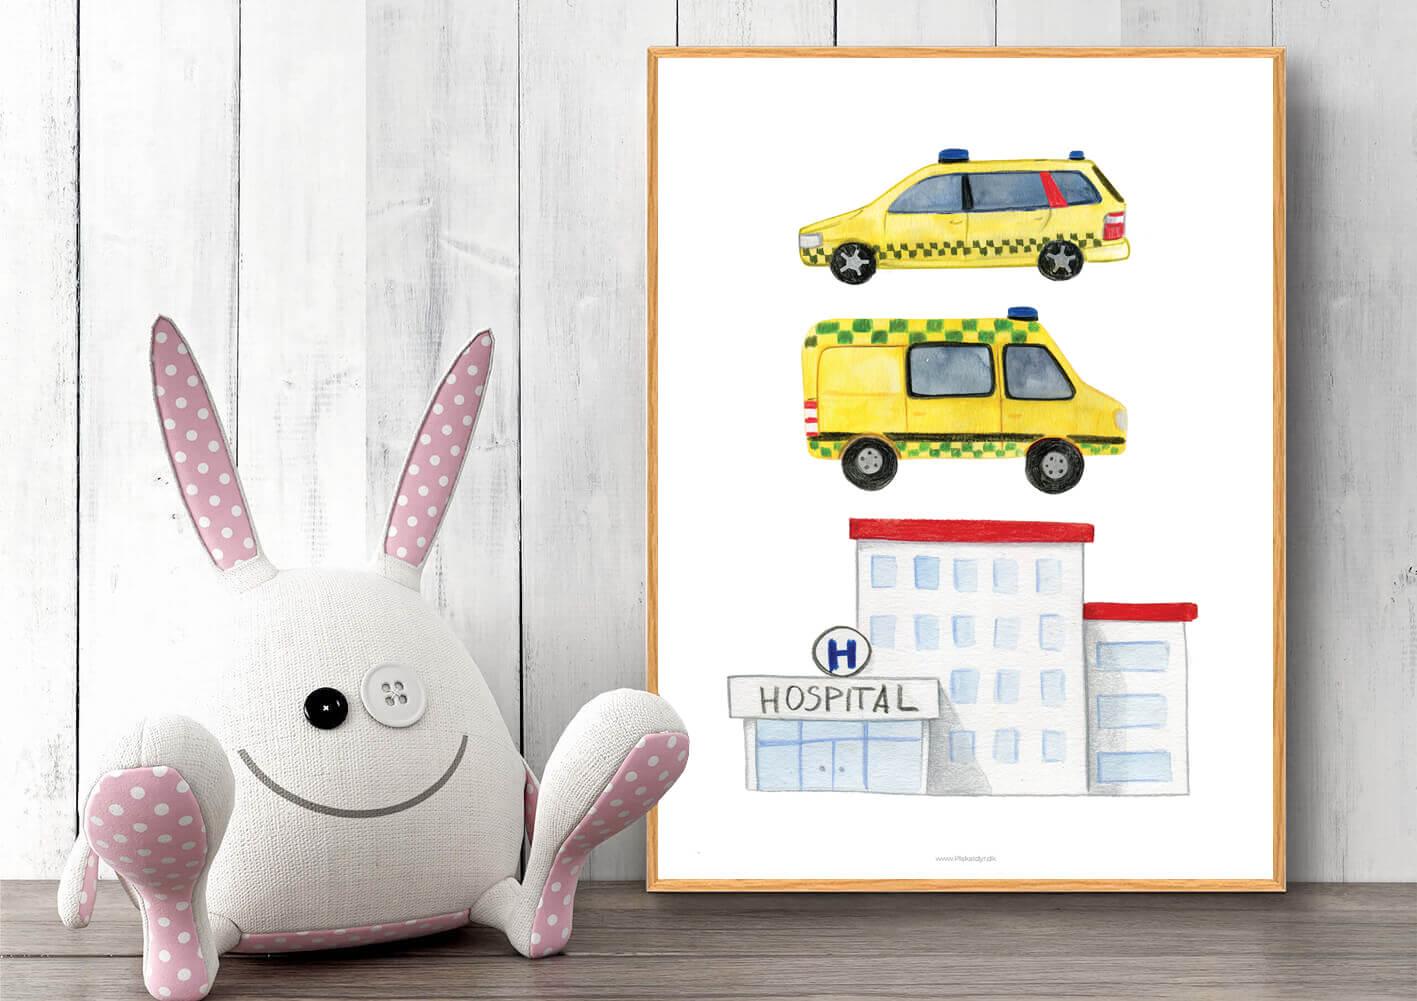 Hospital-ambulance-boerneplakat-1